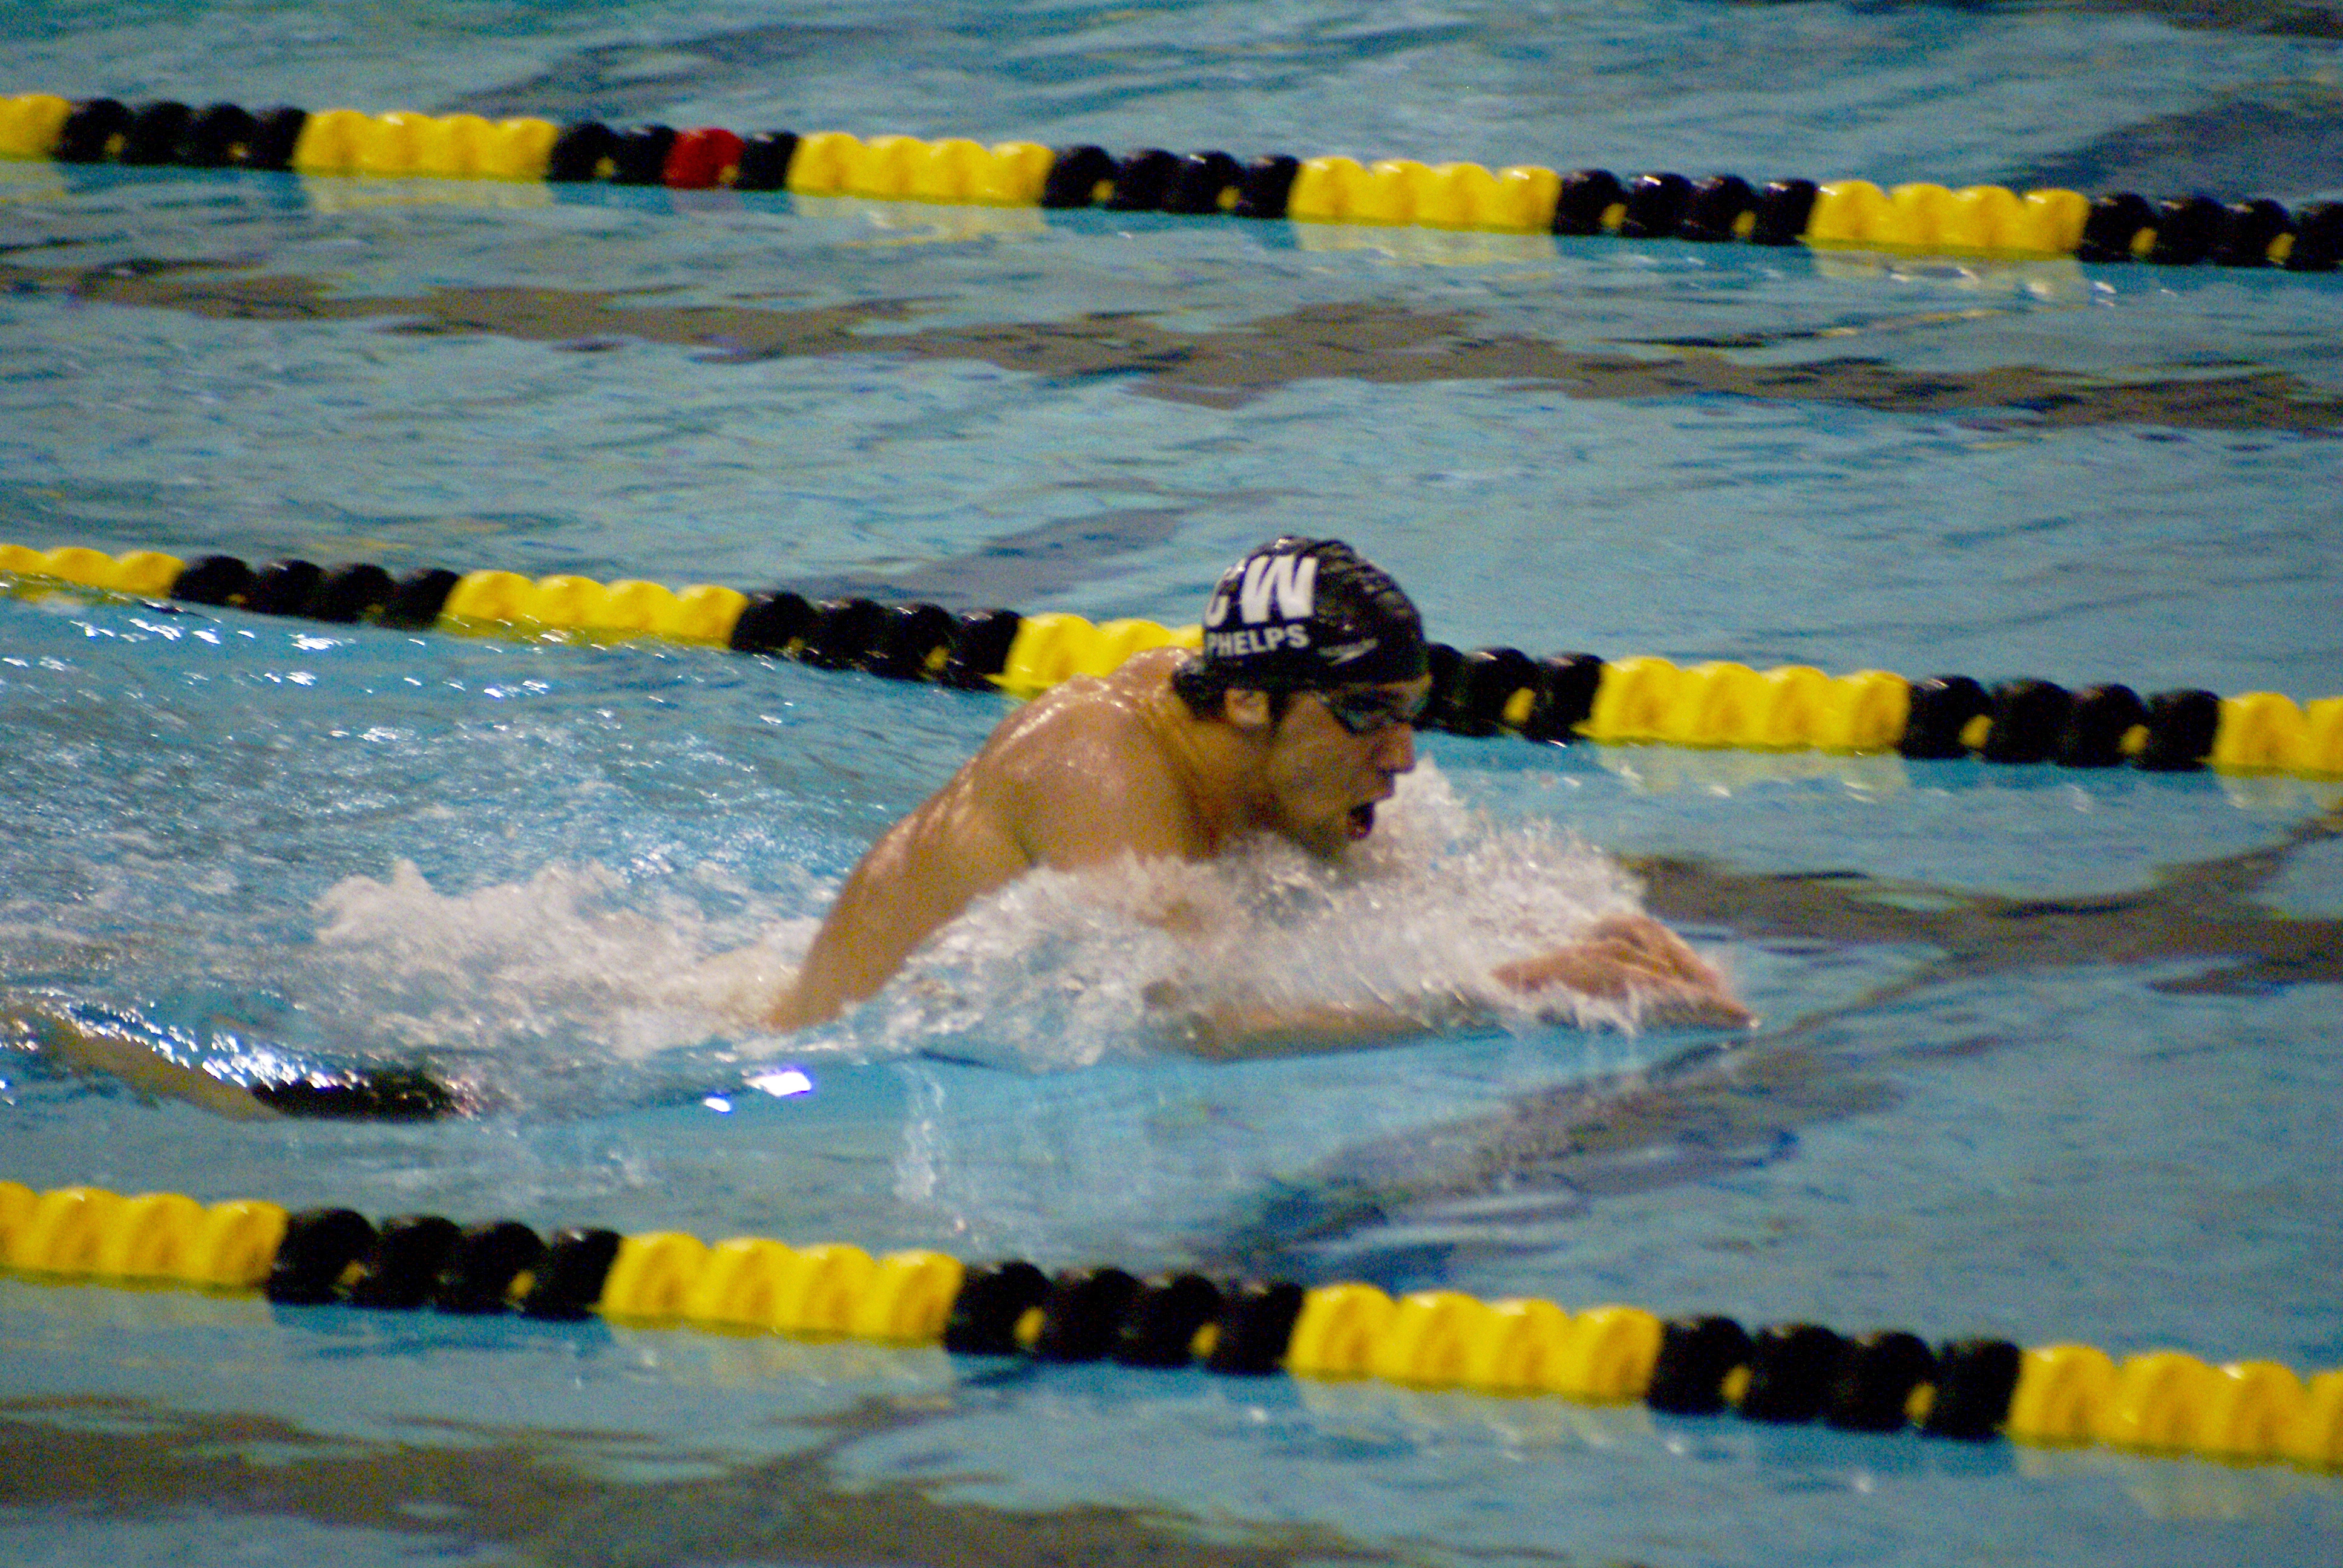 Varldsrekord i simning under vattnet